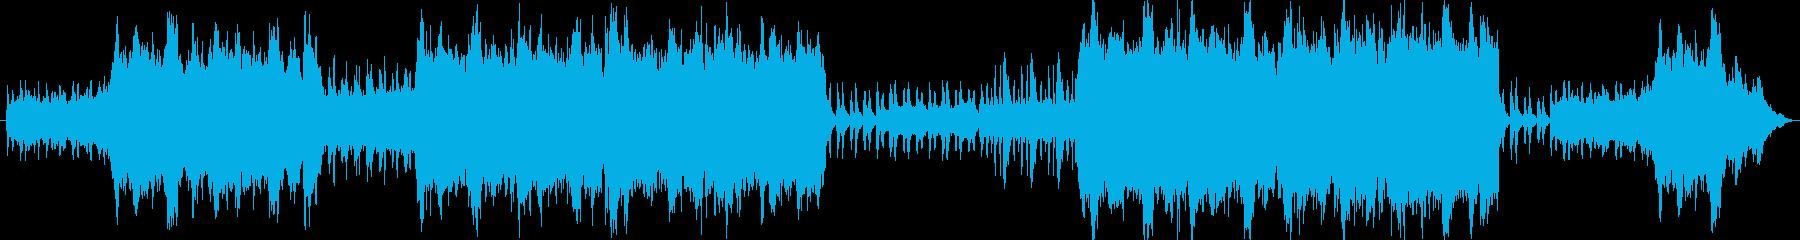 ファンタジーRPGのボス戦をイメージし…の再生済みの波形